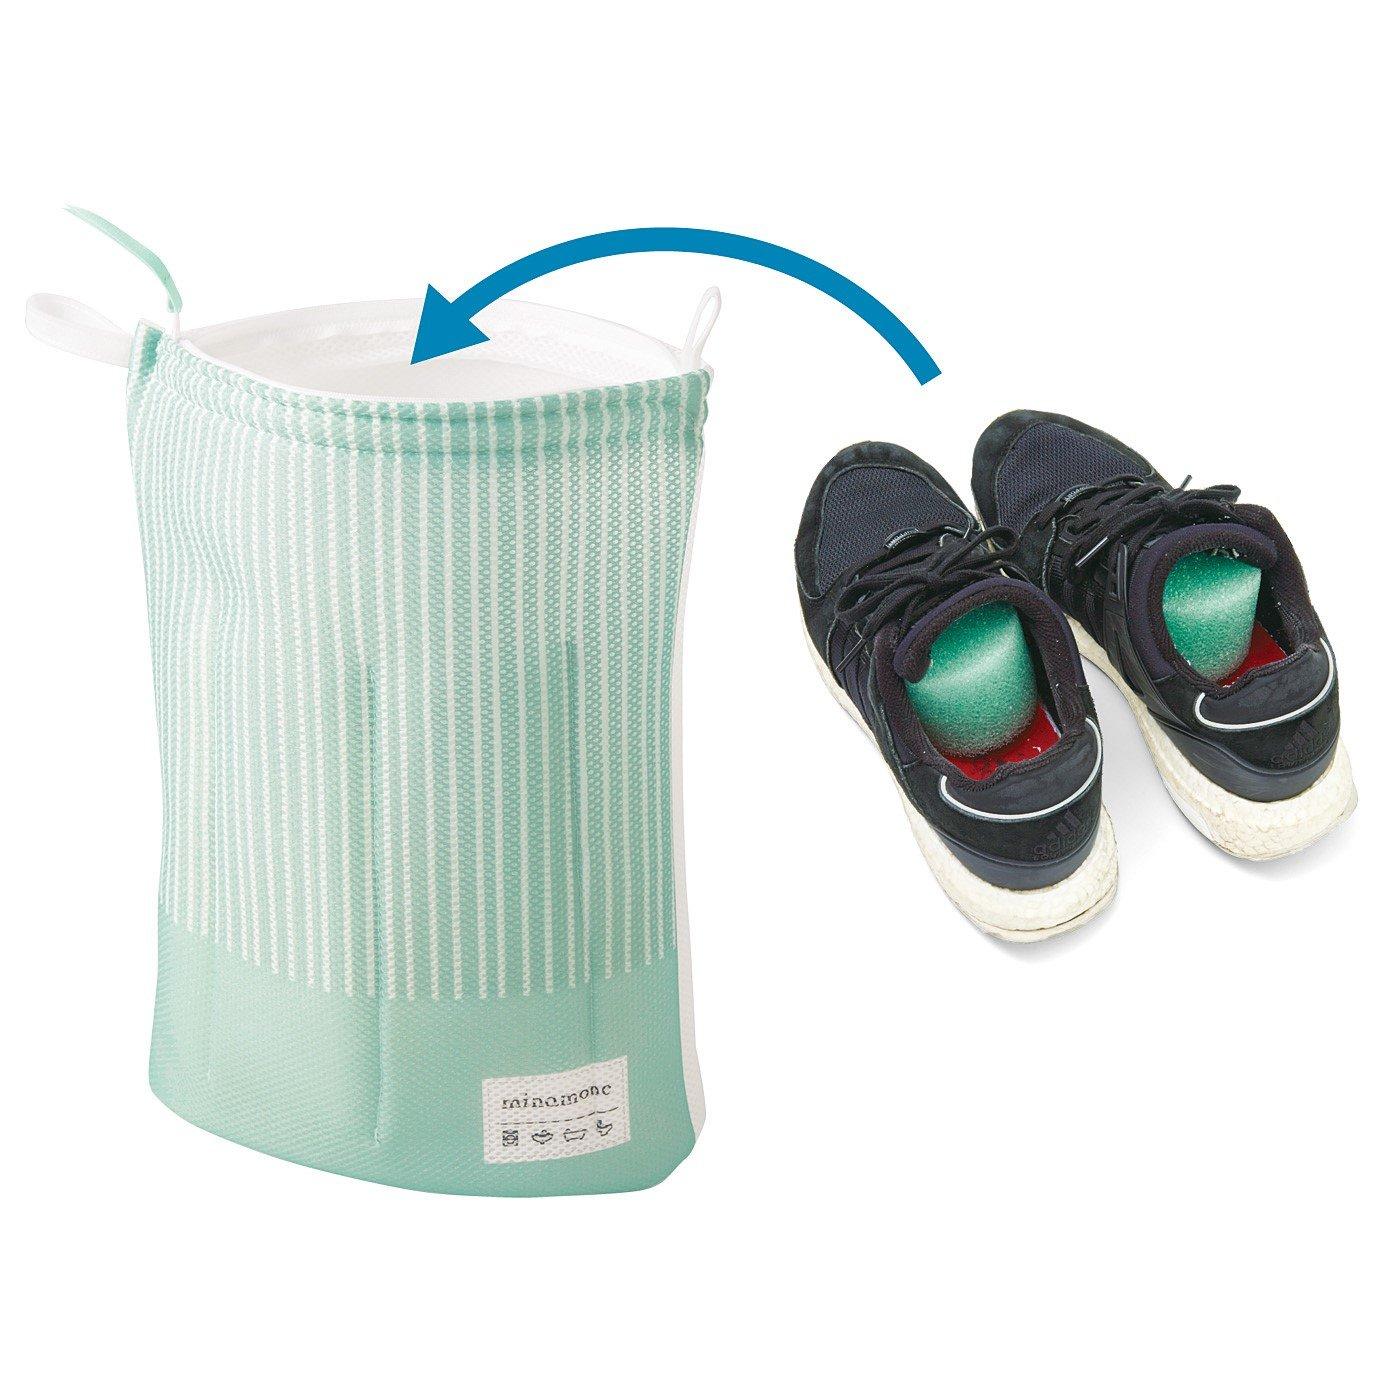 クッション効果で洗濯機OK 28cmサイズも入るシューズ用洗濯ネット